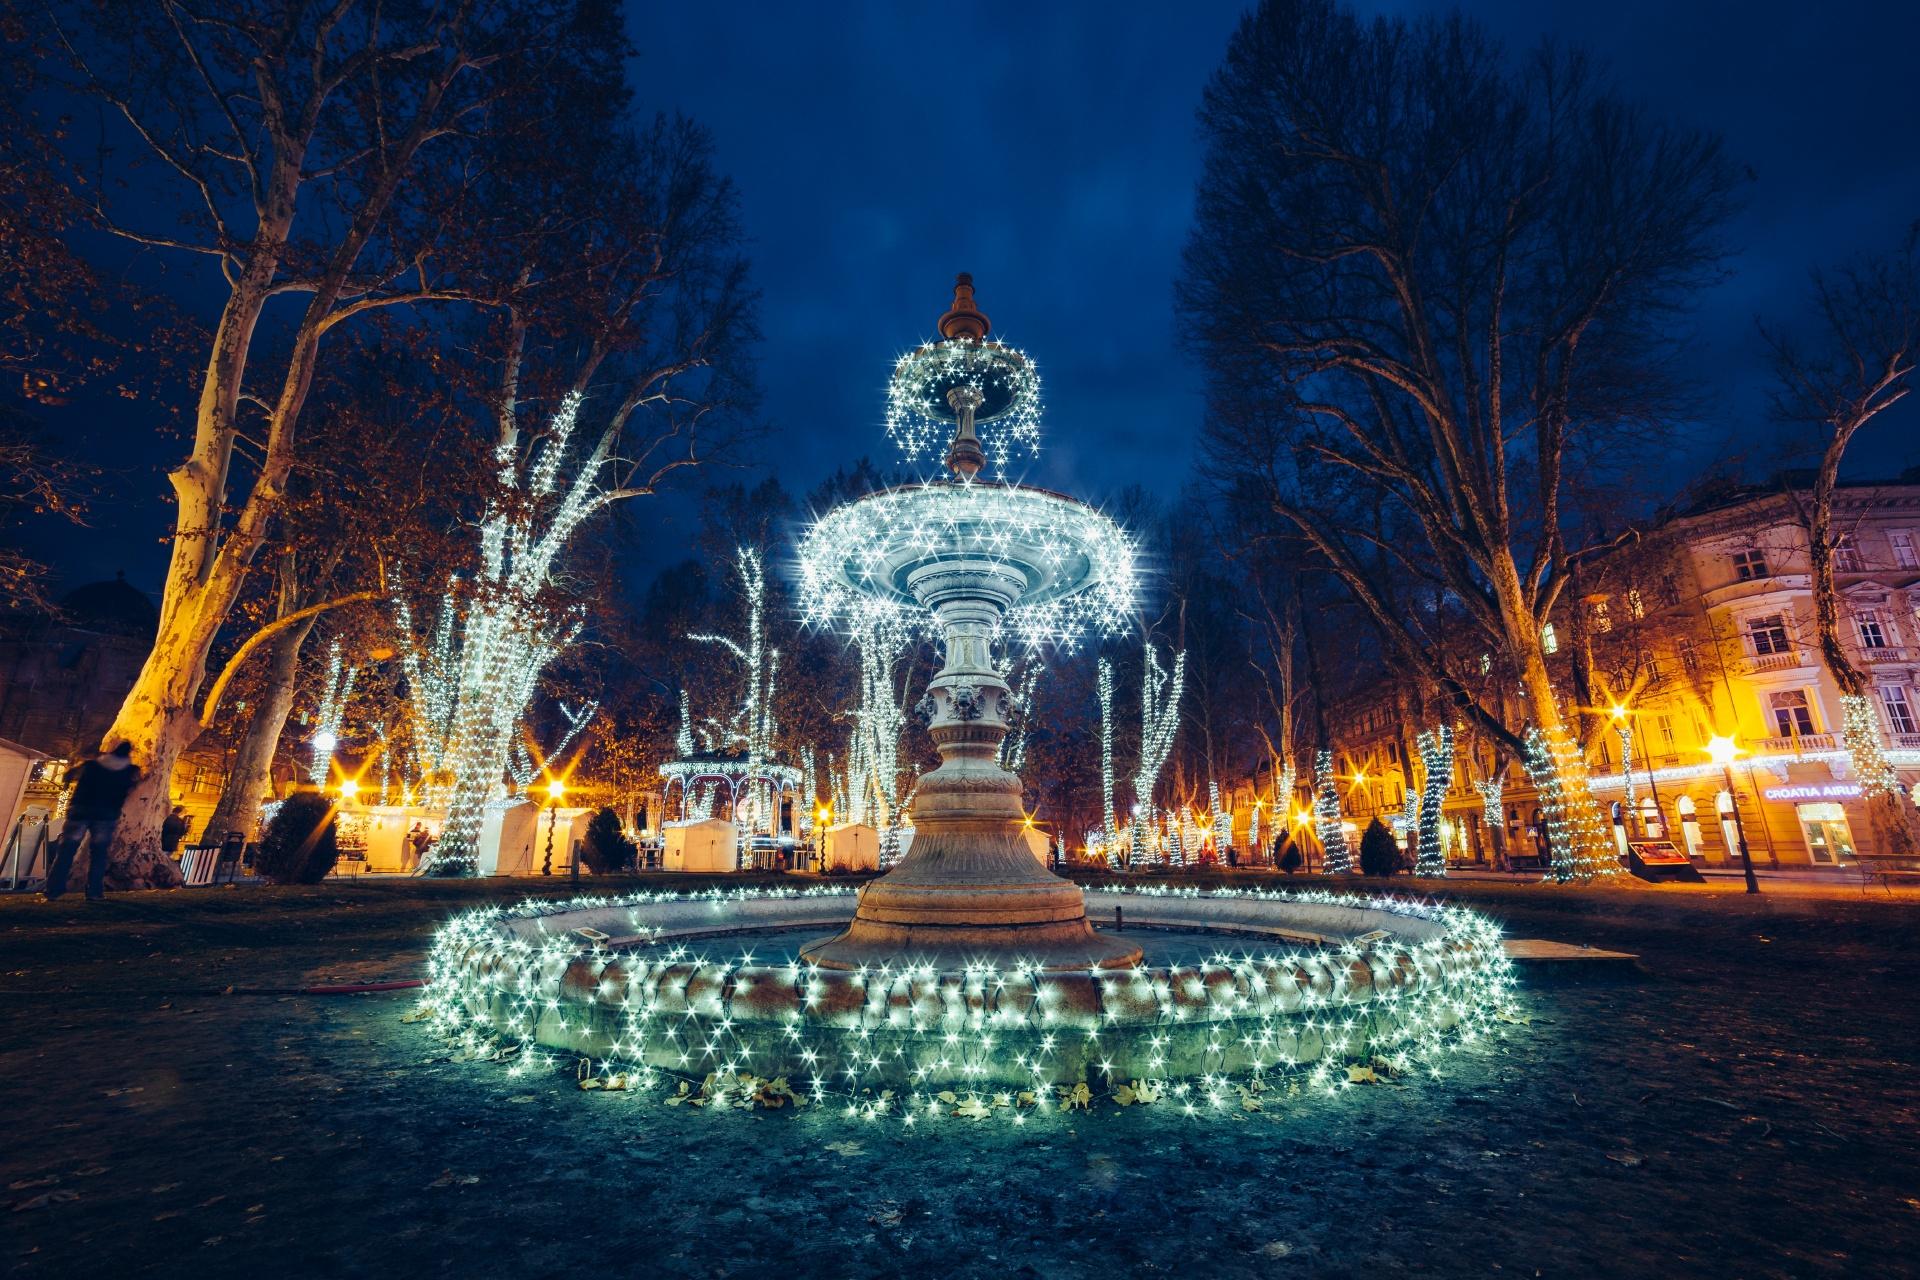 クロアチアのクリスマスの風景 ザグレブ クロアチアの風景